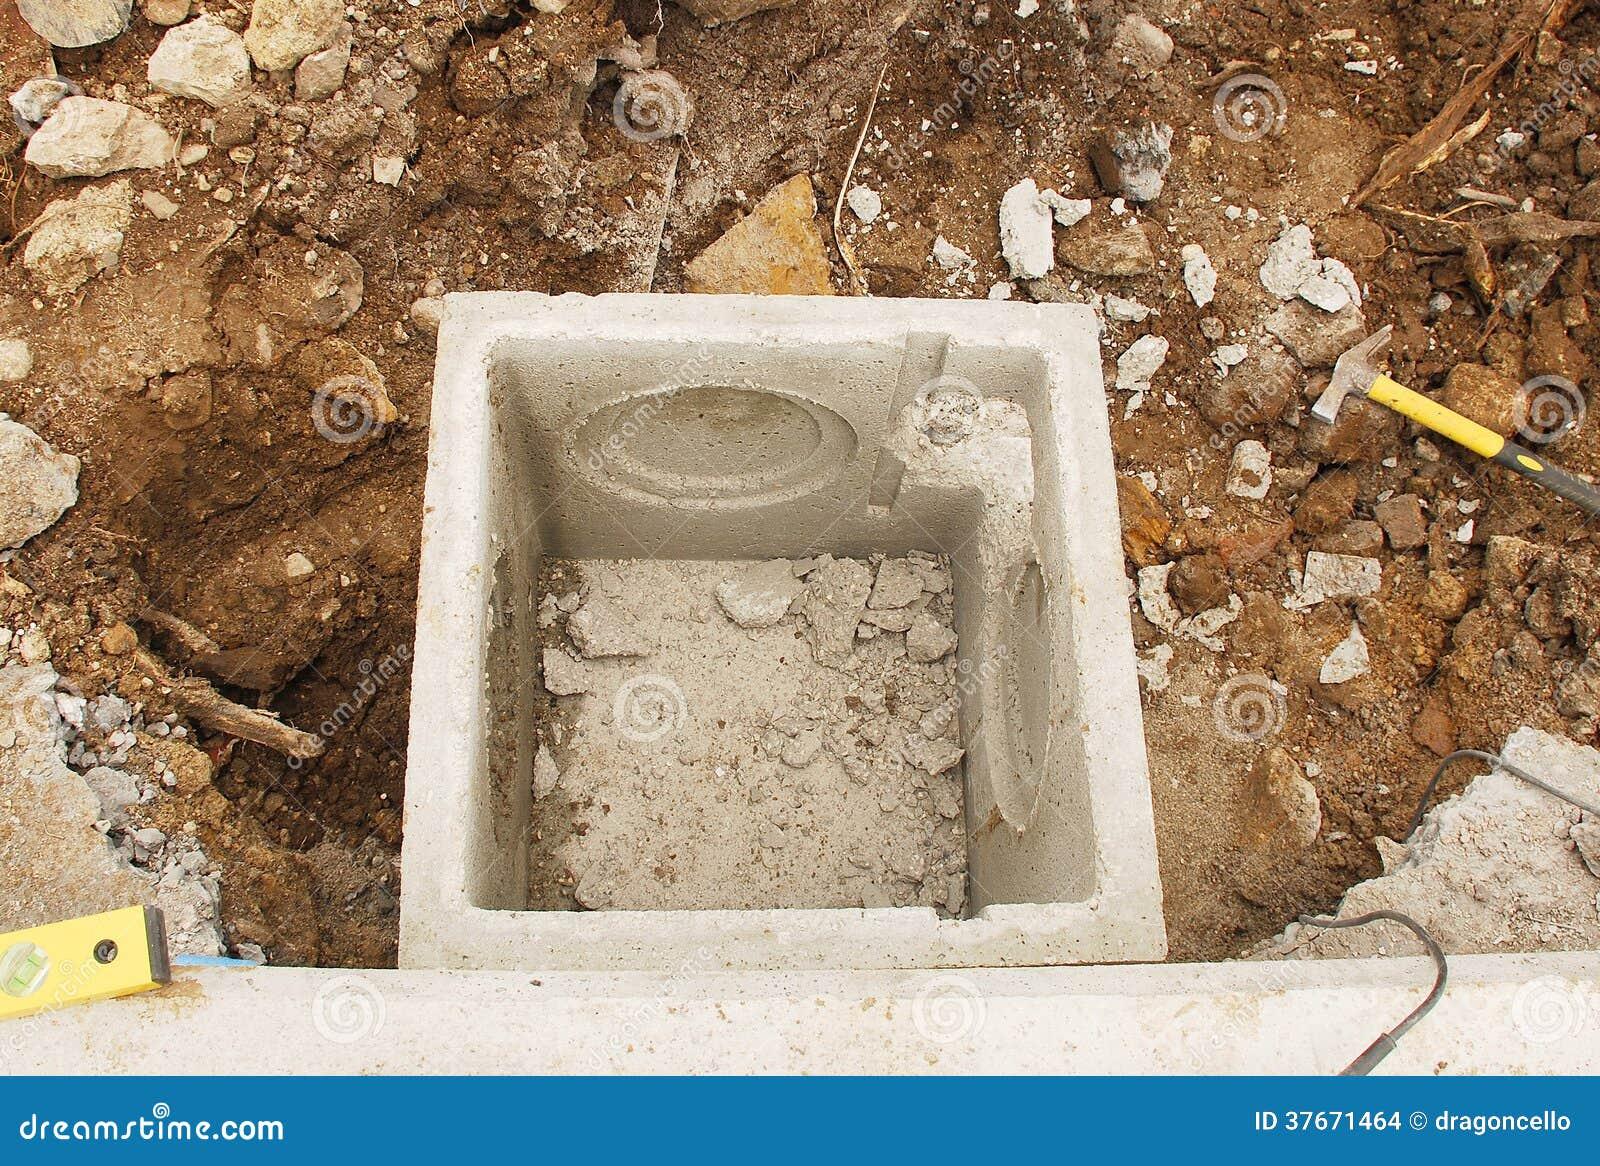 regard de visite d 39 eaux d 39 gout photo stock image 37671464. Black Bedroom Furniture Sets. Home Design Ideas